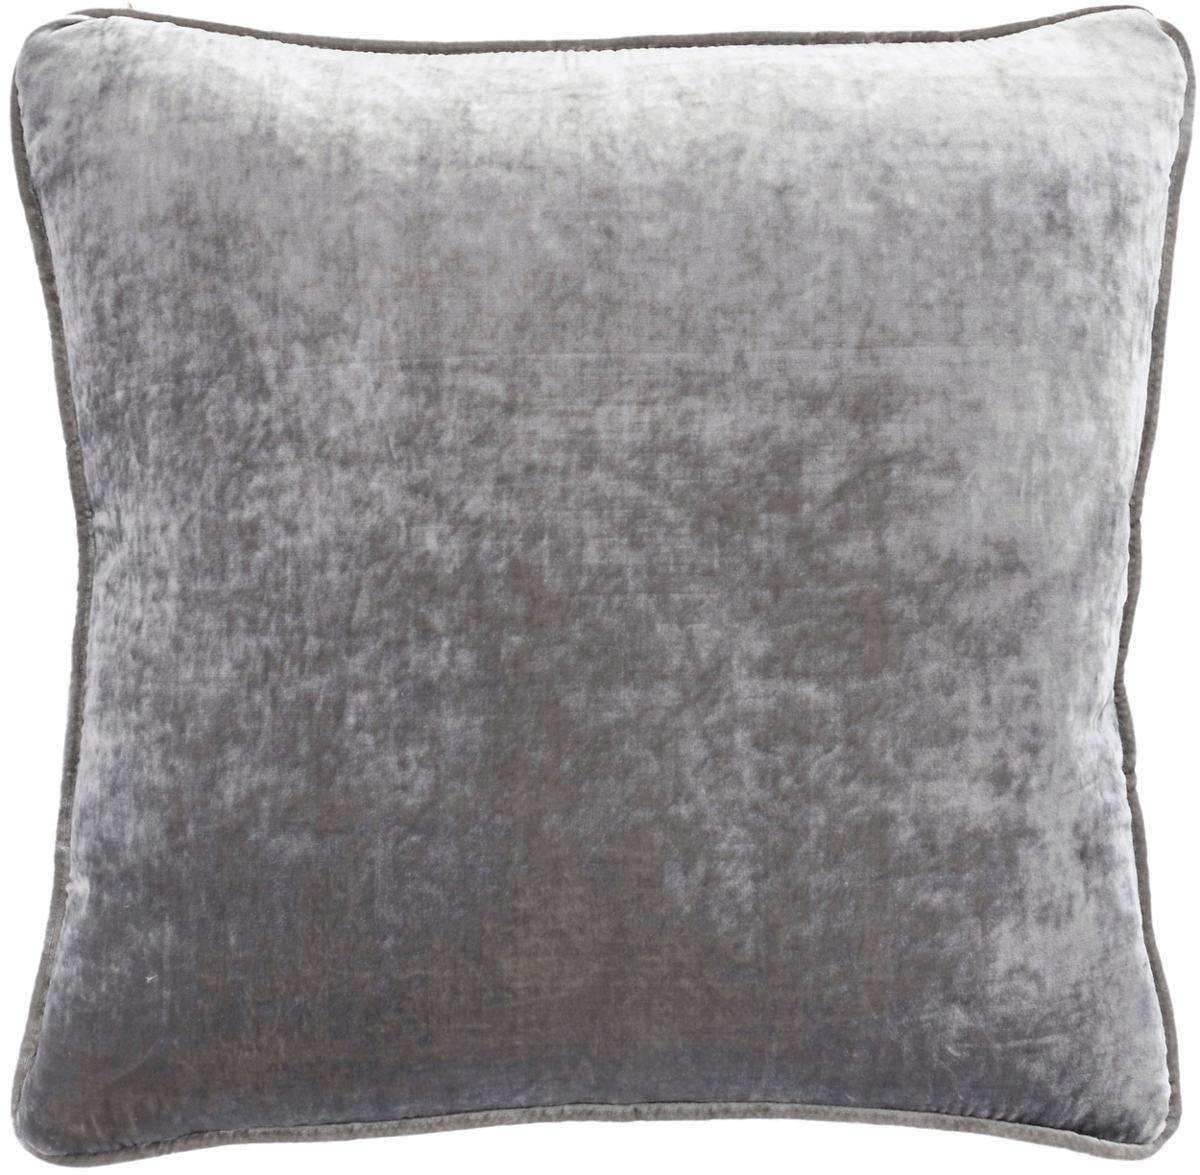 Graphite Shimmer Velvet Decorative Pillow